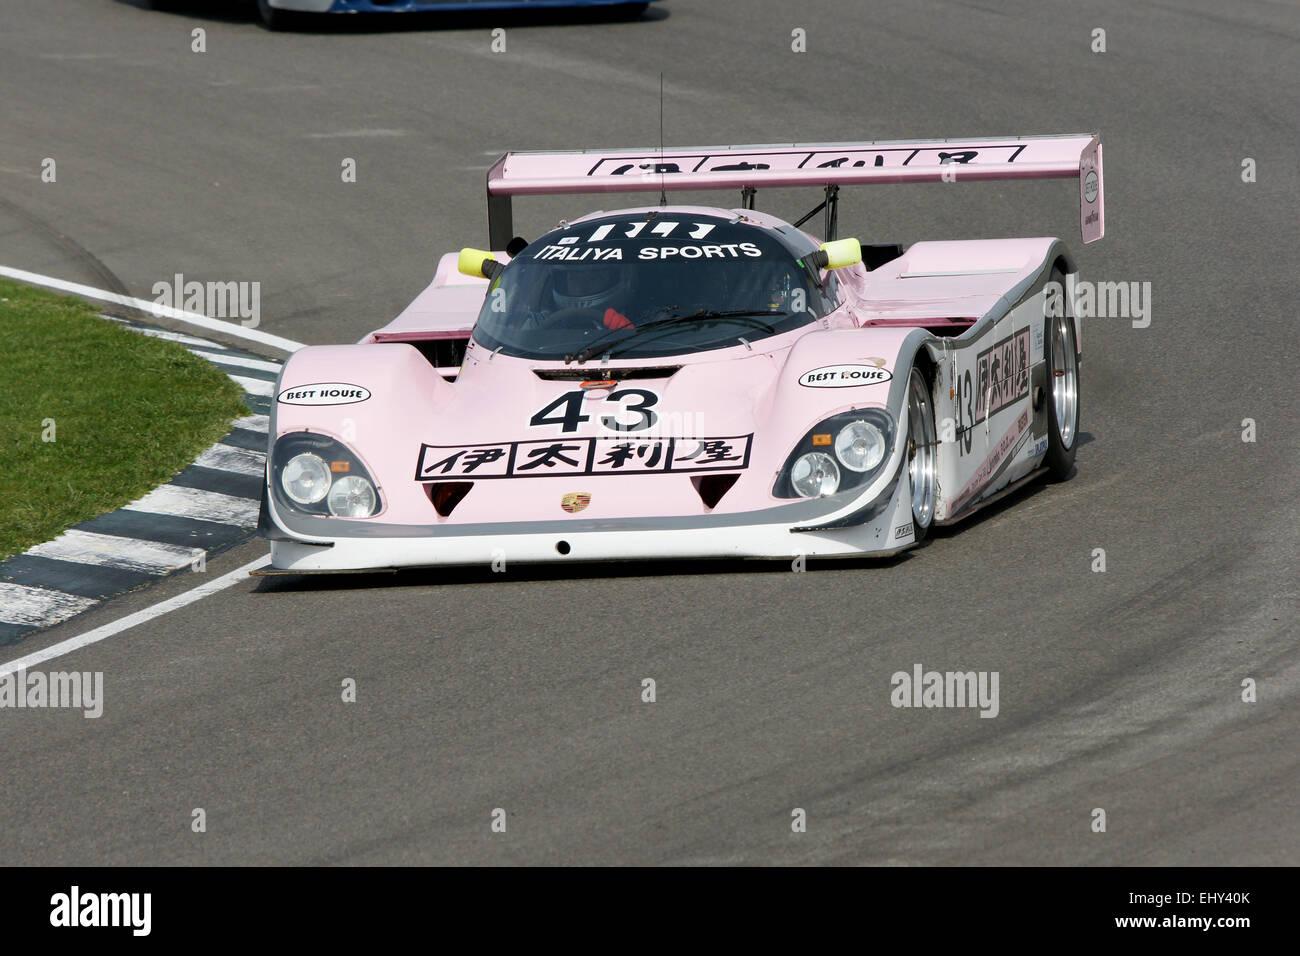 Porsche Group C Sports Prototype - Stock Image